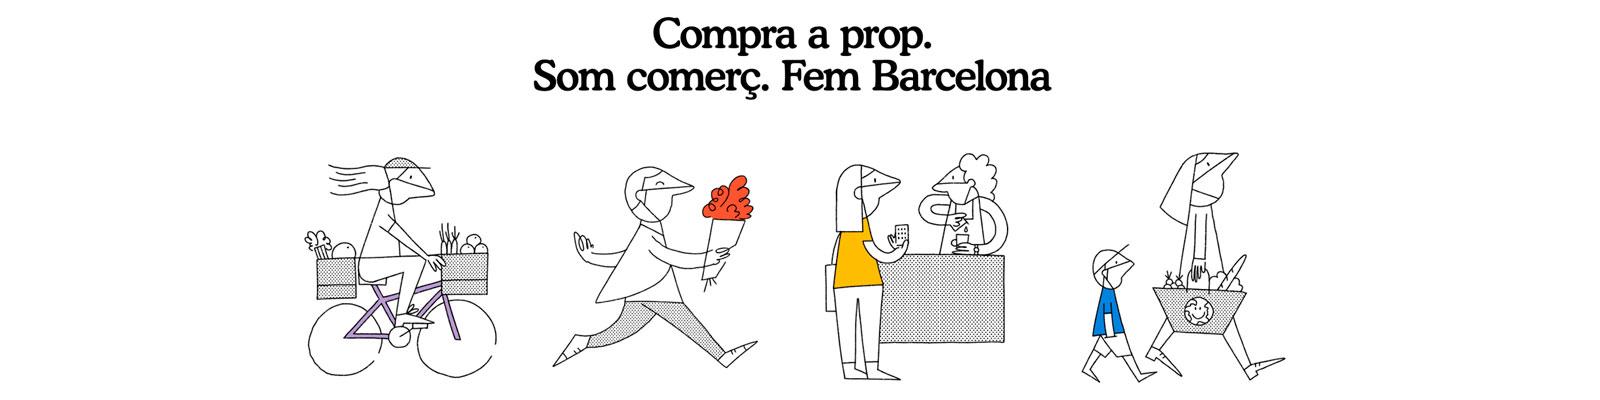 https://ajuntament.barcelona.cat/comerc/sites/default/files/revslider/image/HOME_IMPULS_COMERC_0.jpg